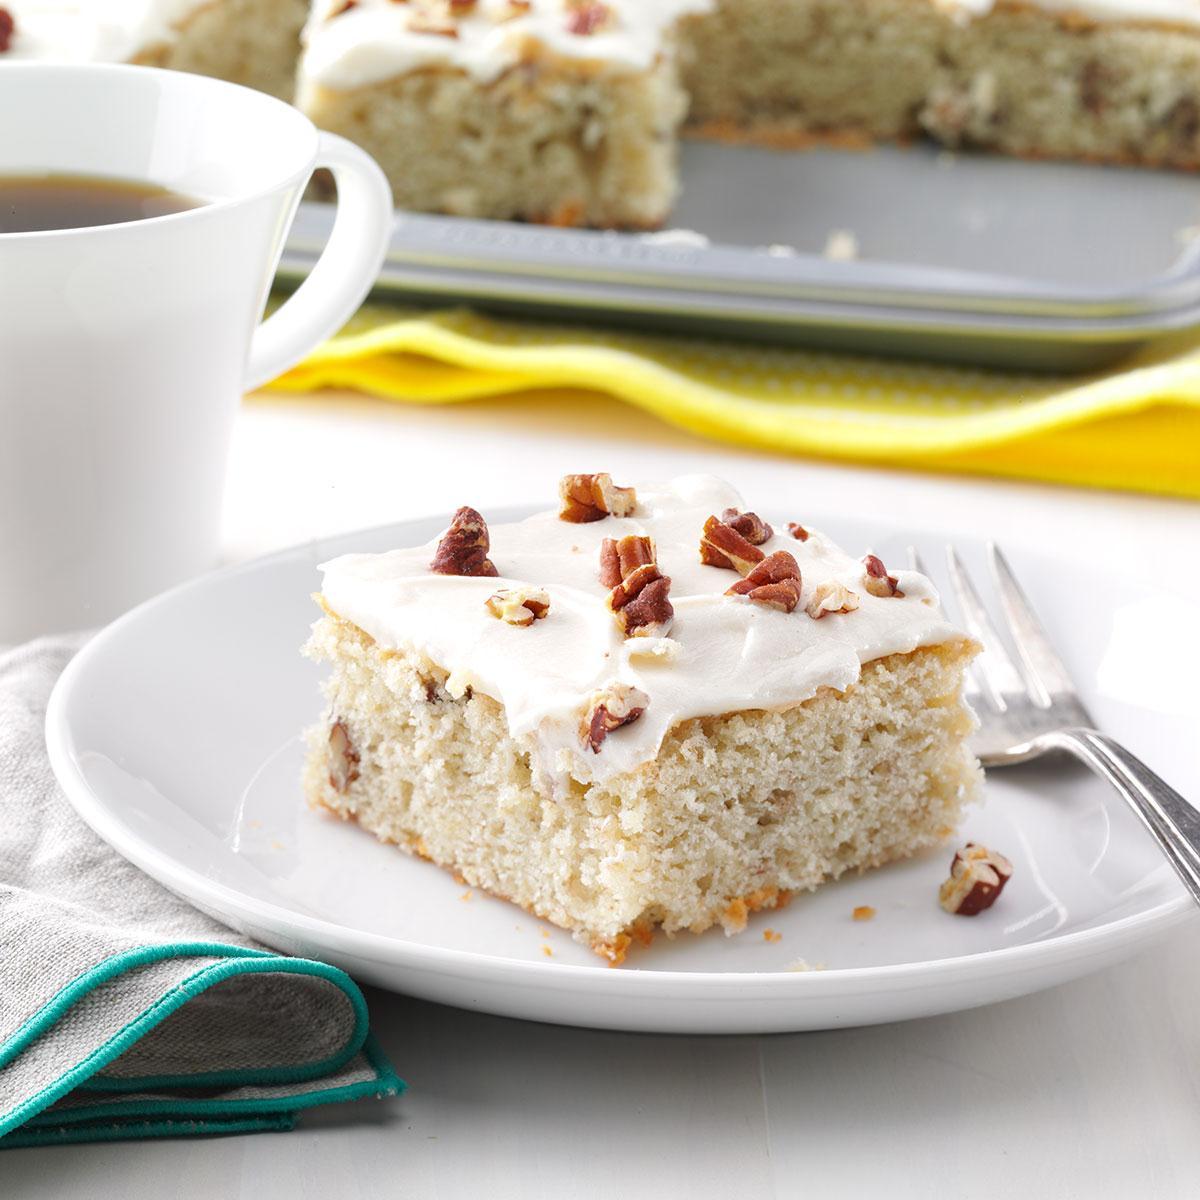 Banana-Pecan Sheet Cake